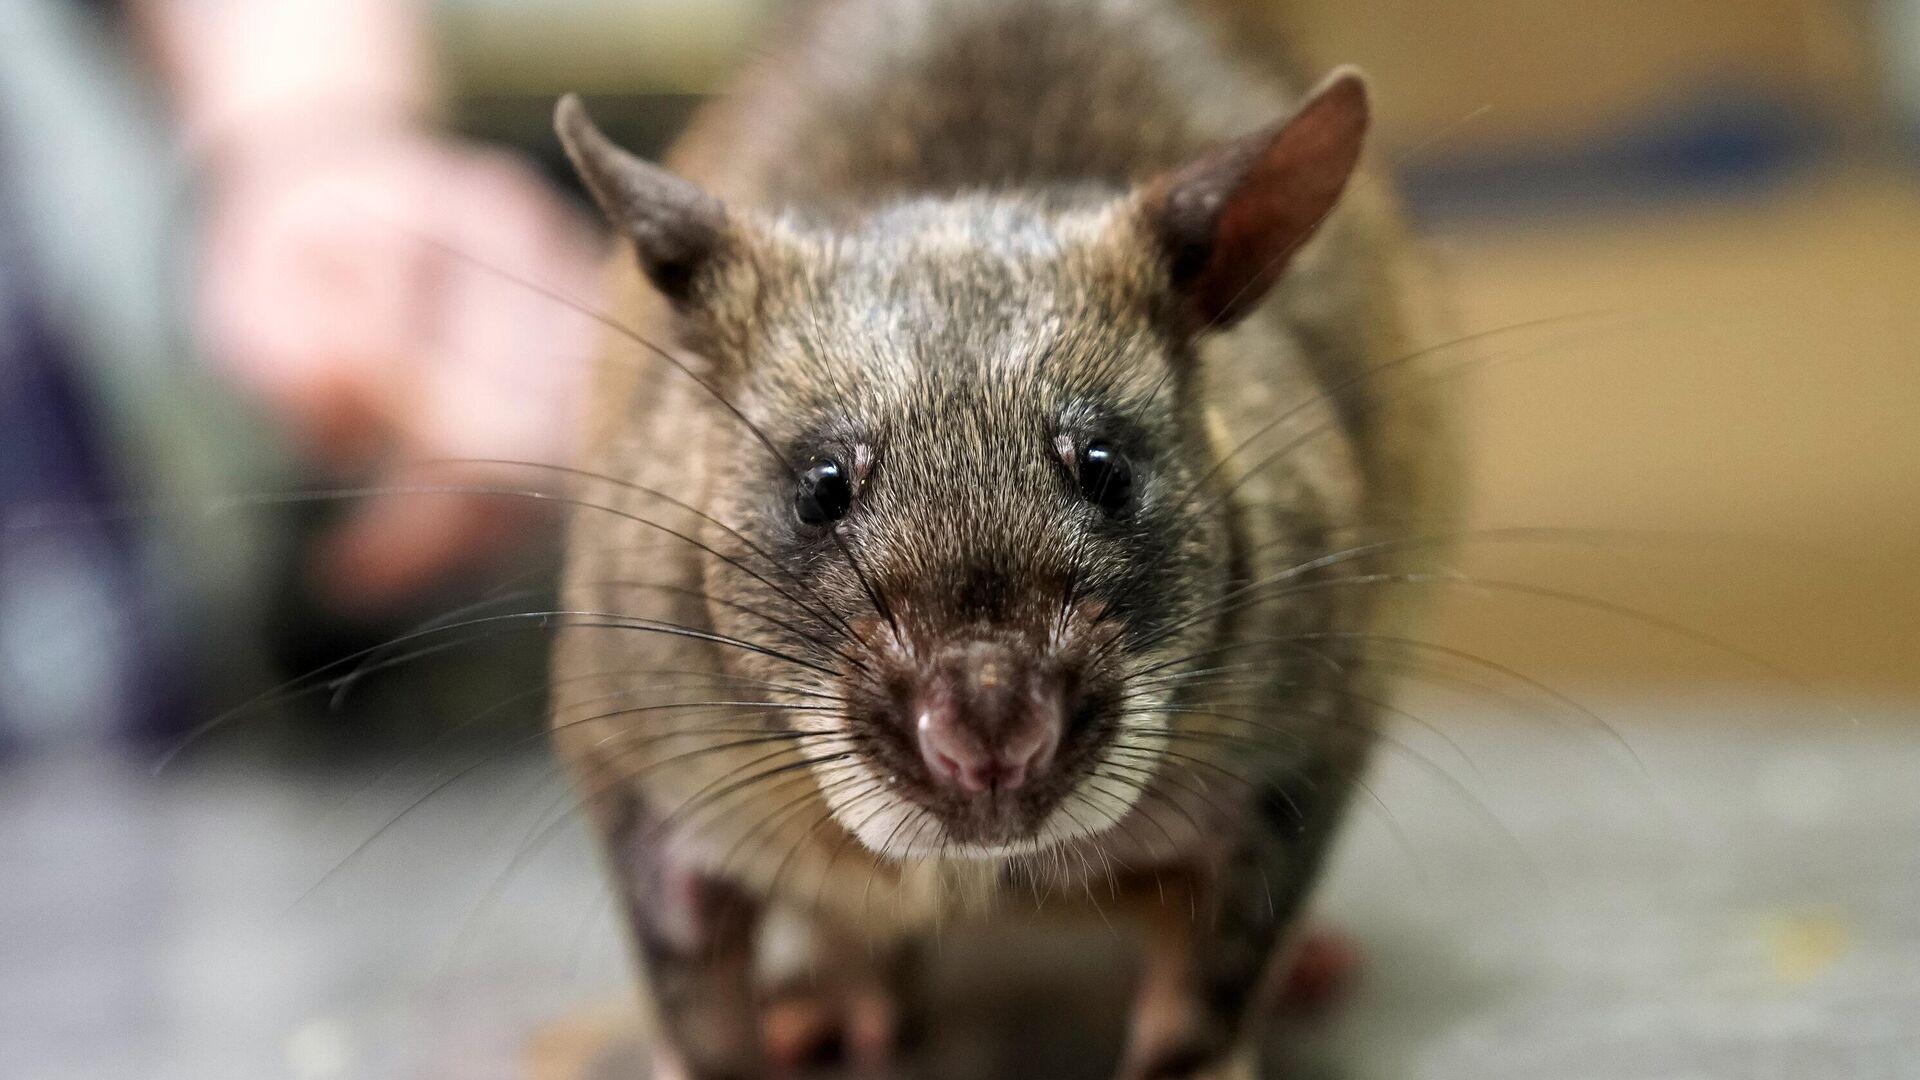 Гигантская крыса Гамби - РИА Новости, 1920, 06.11.2020